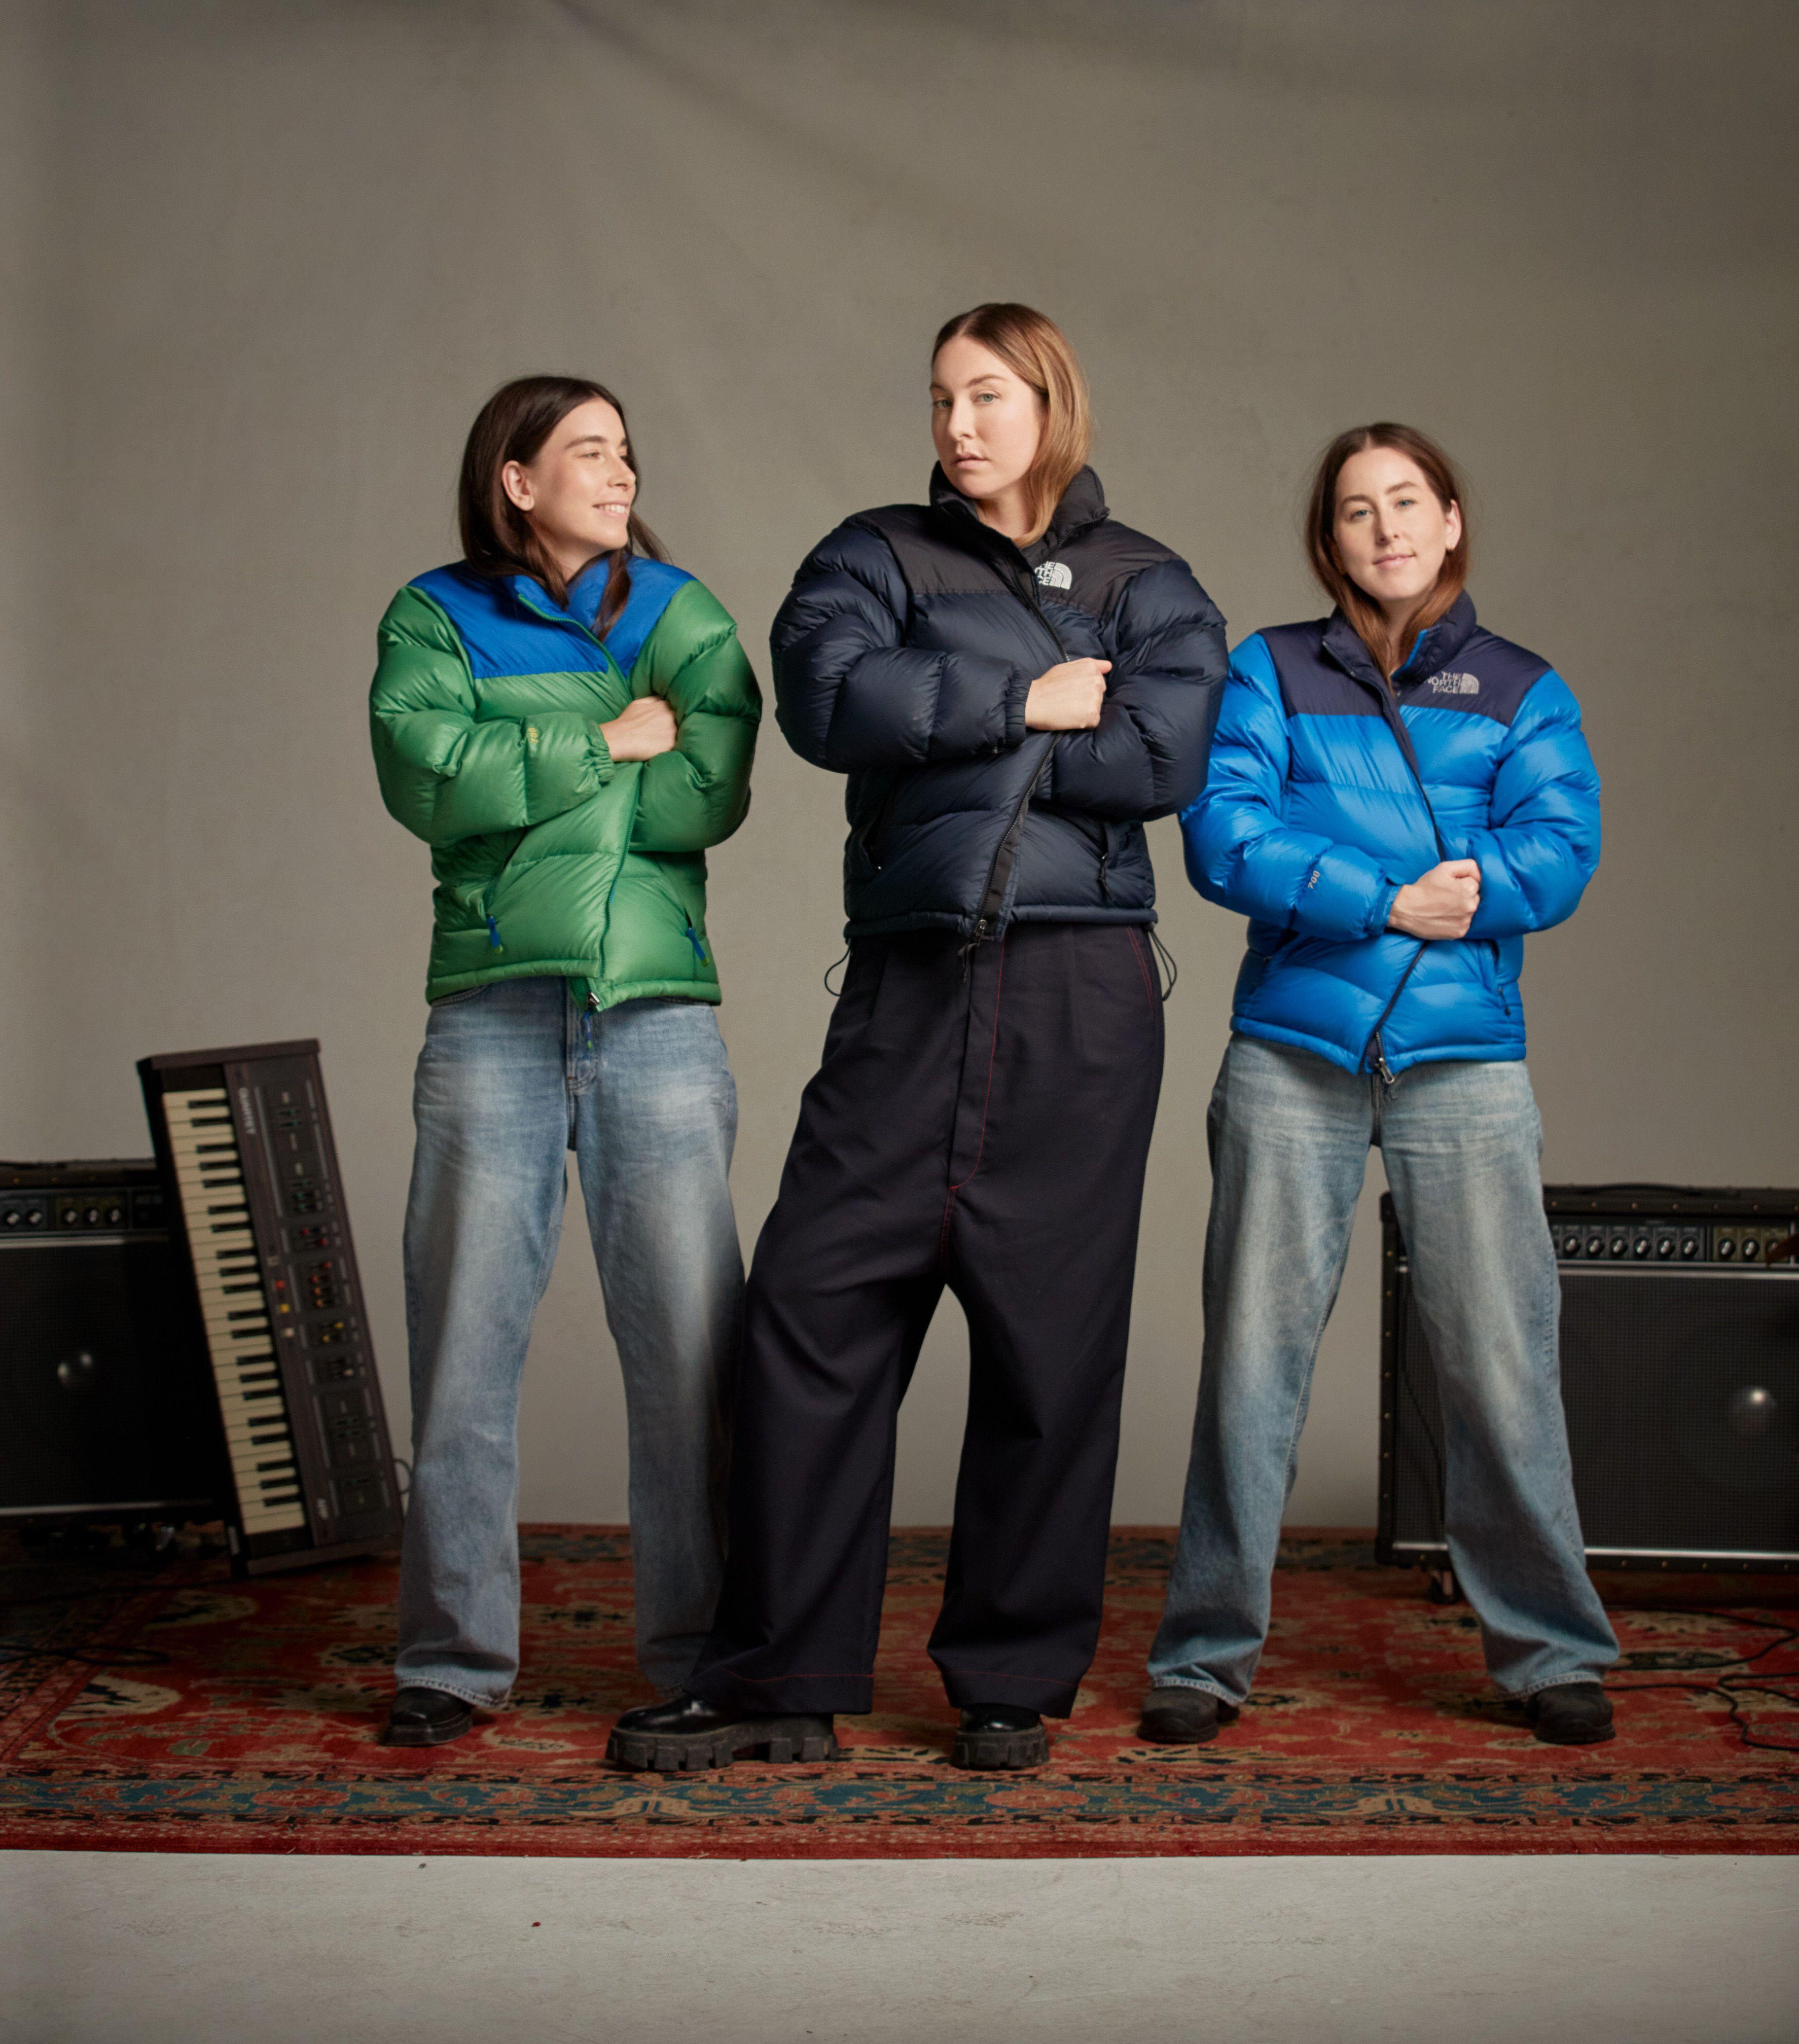 haim sisters posing in north face